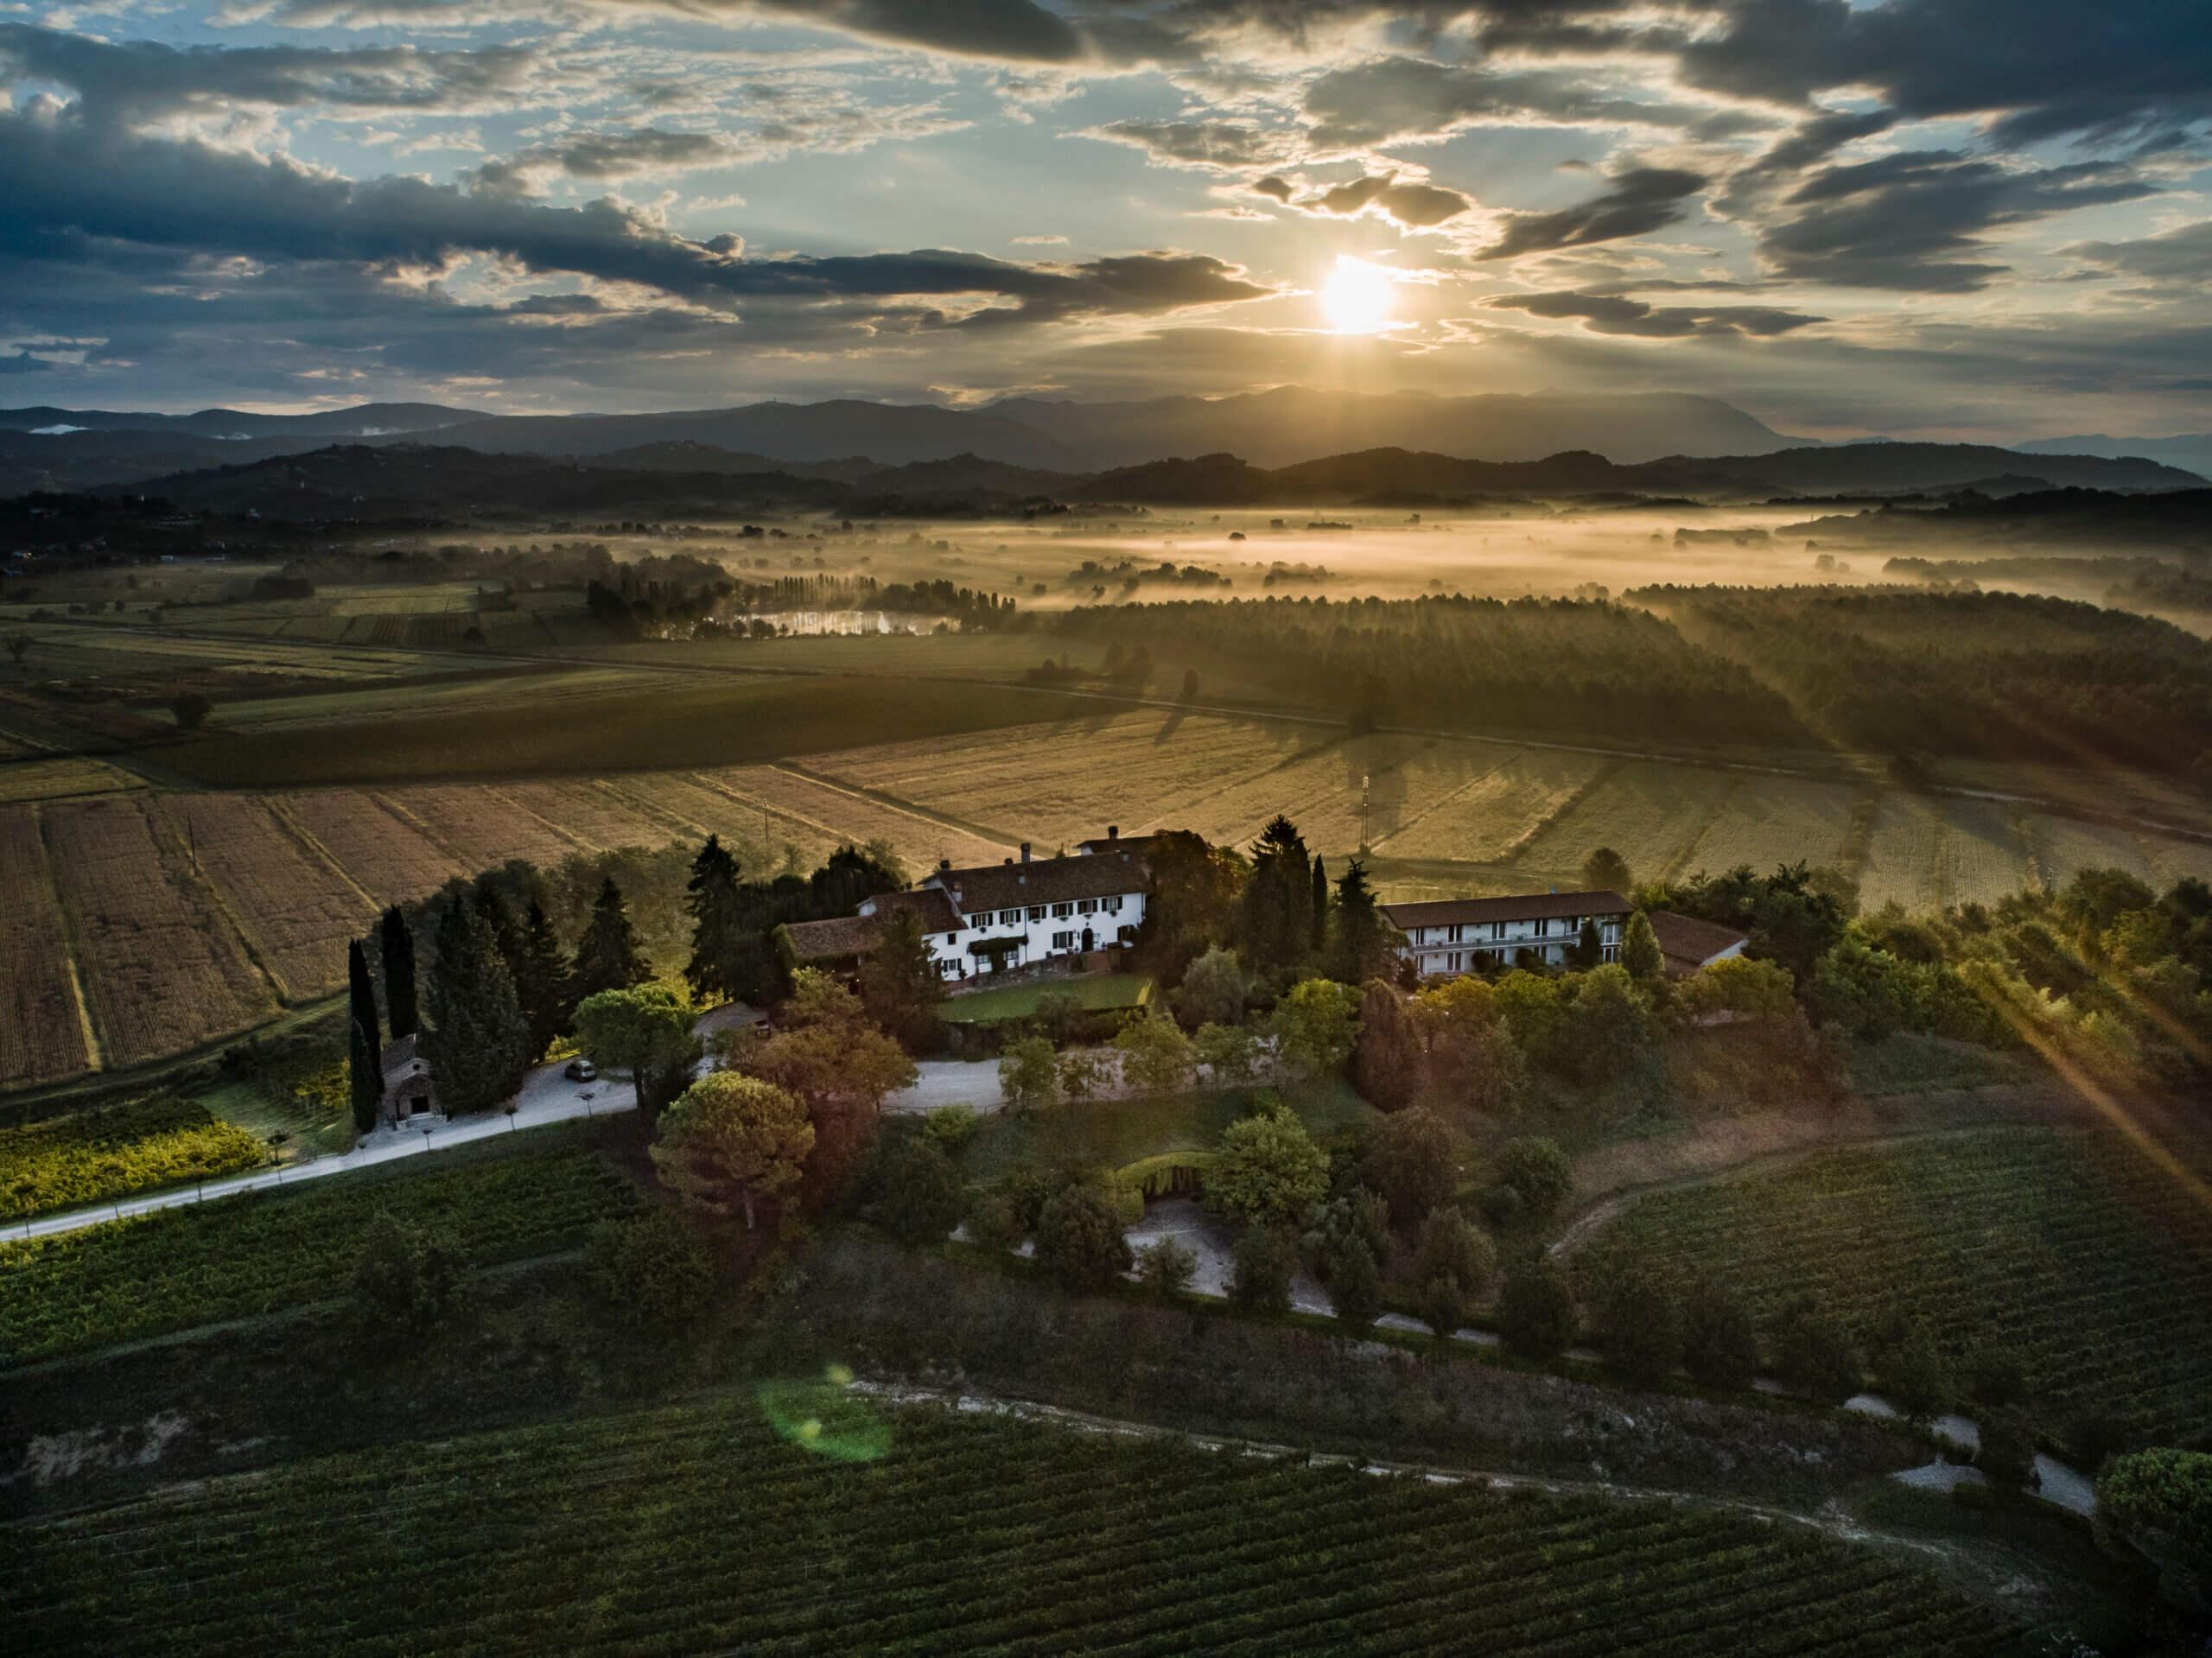 Collio Sauvignon Riserva 2016 Russiz Superiore entra nella classifica Wine Enthusiast tra i migliori 100 vini al mondo